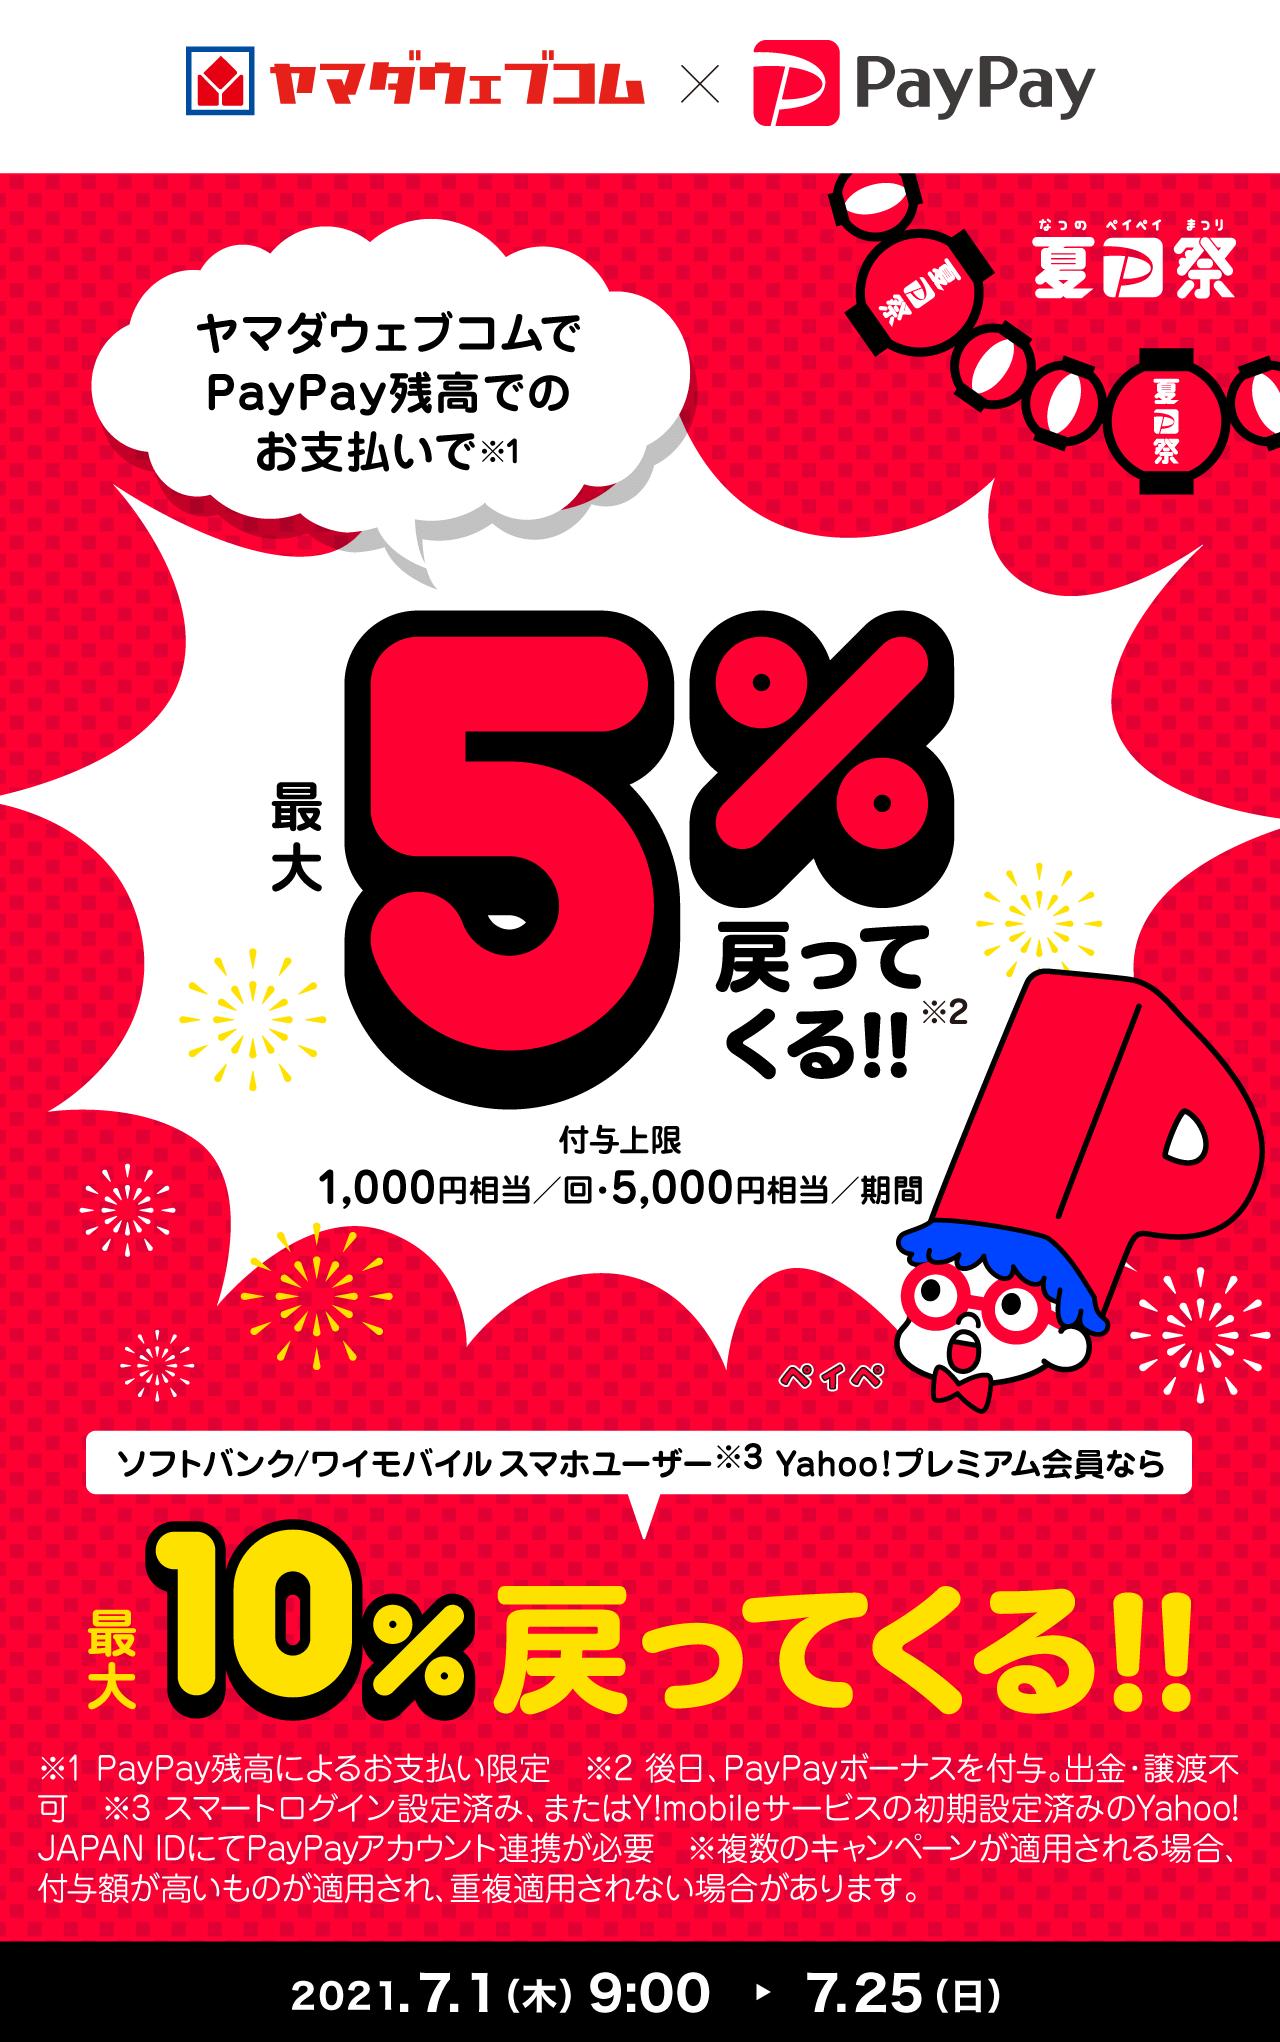 ヤマダウェブコムでPayPay残高でのお支払いで 最大5%戻ってくる!!